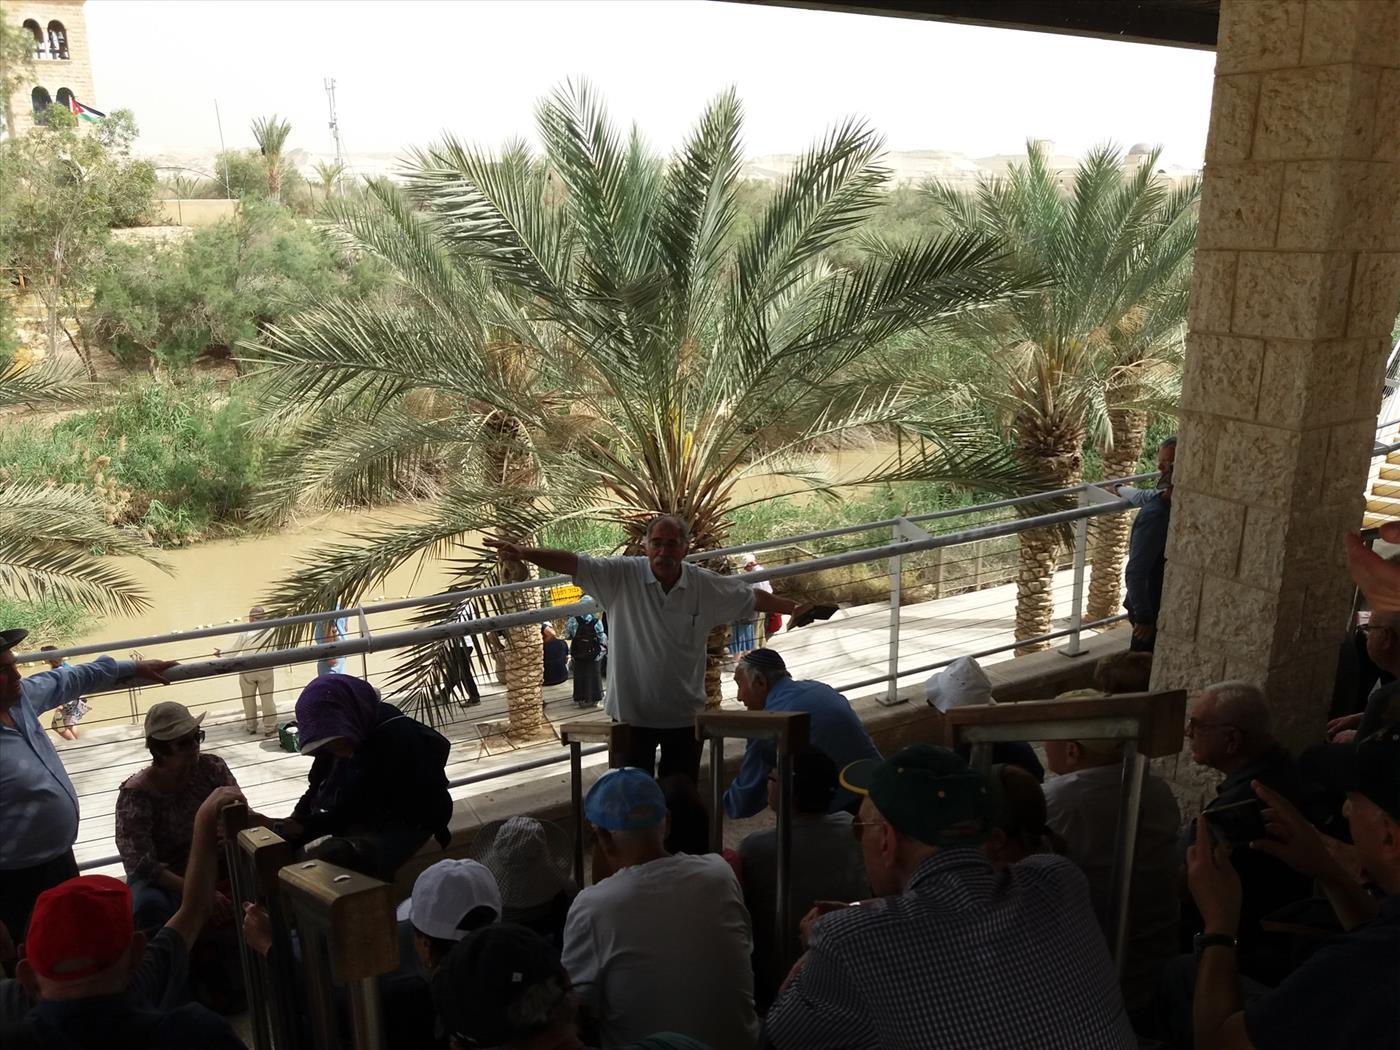 זאב ז'אבו ארליך מדריך במעברות הירדן (תרבות ומורשת יריחו)